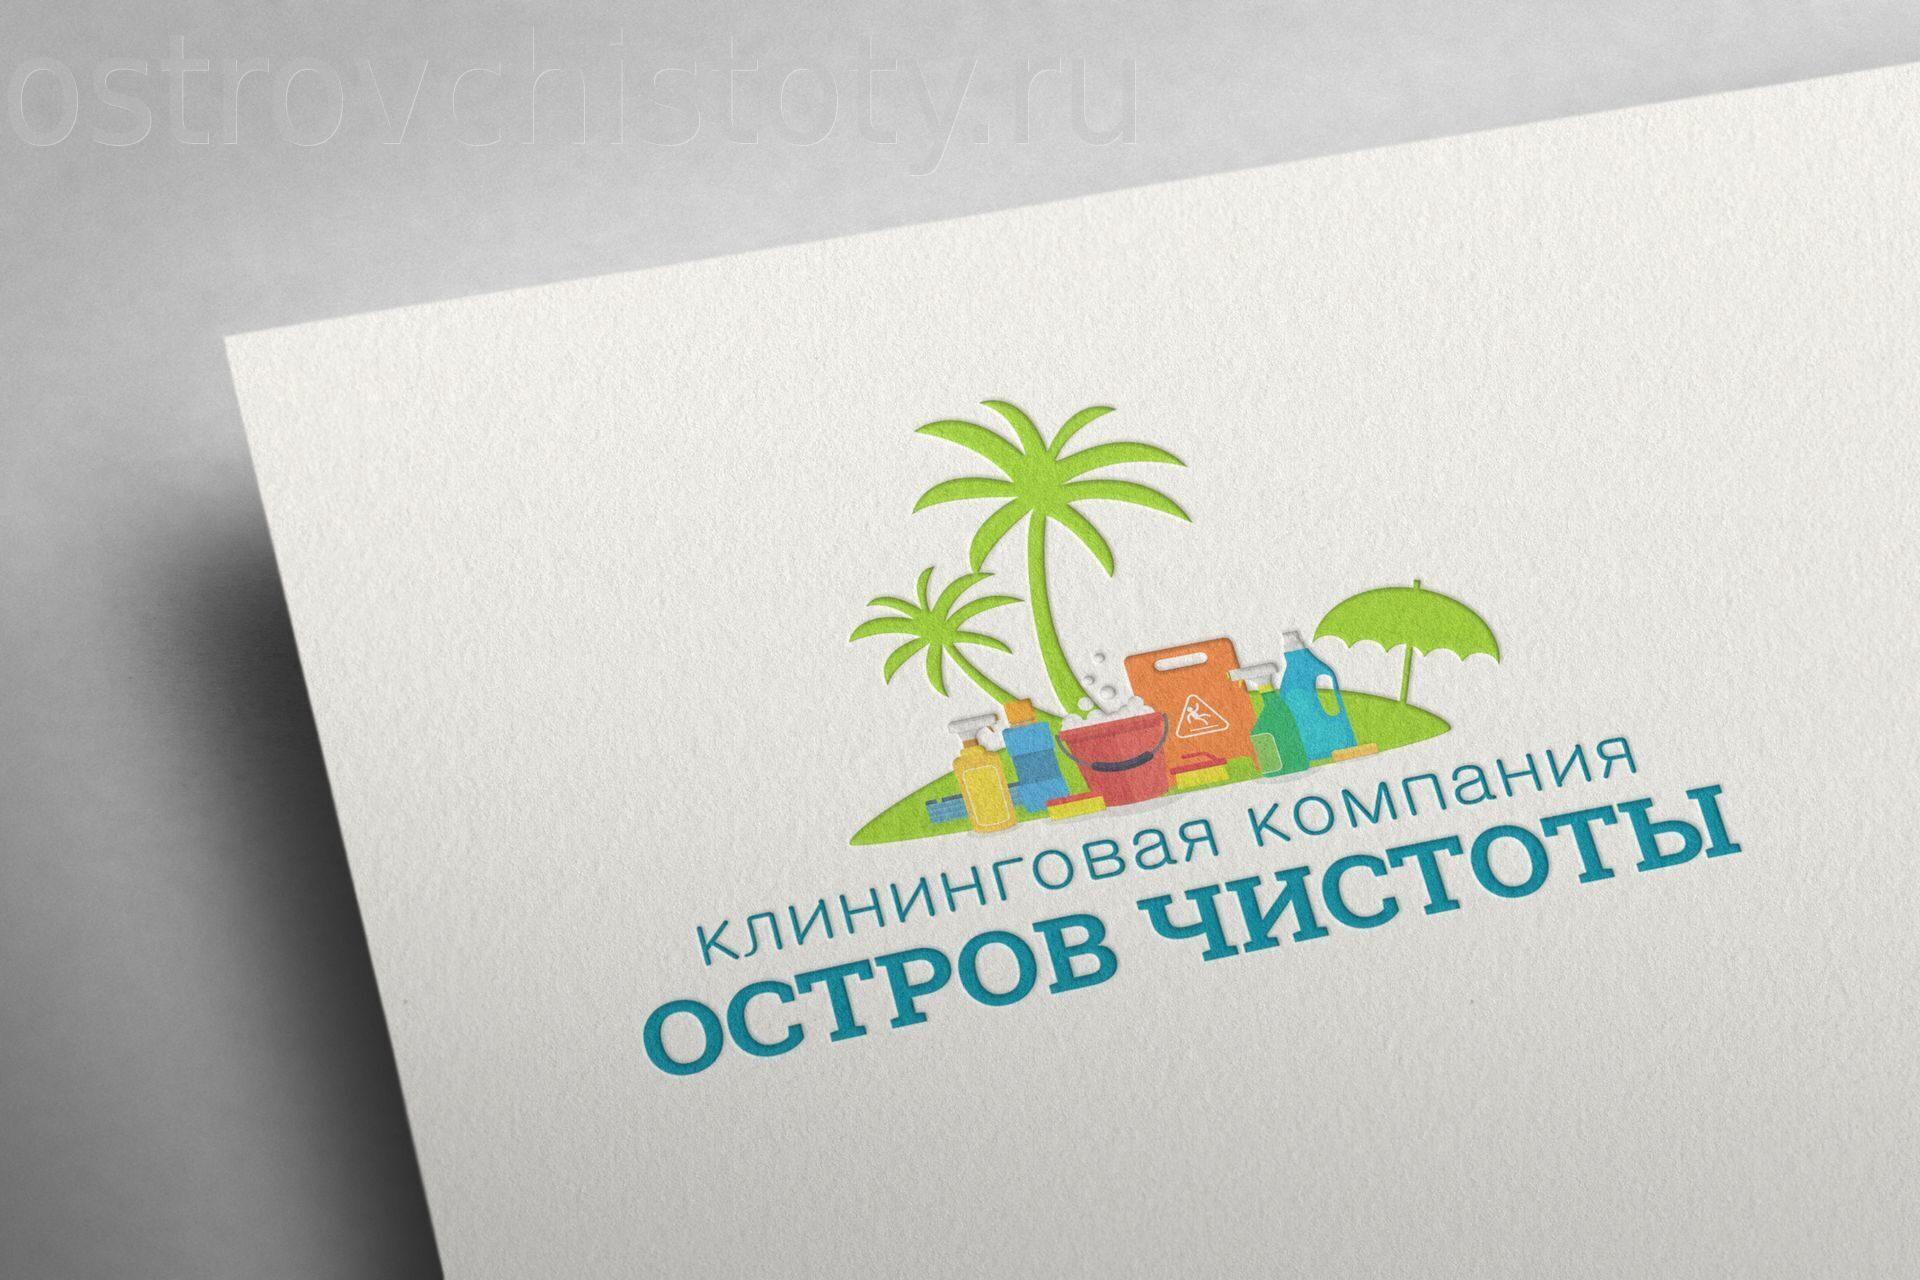 Визитка Остров Чистоты